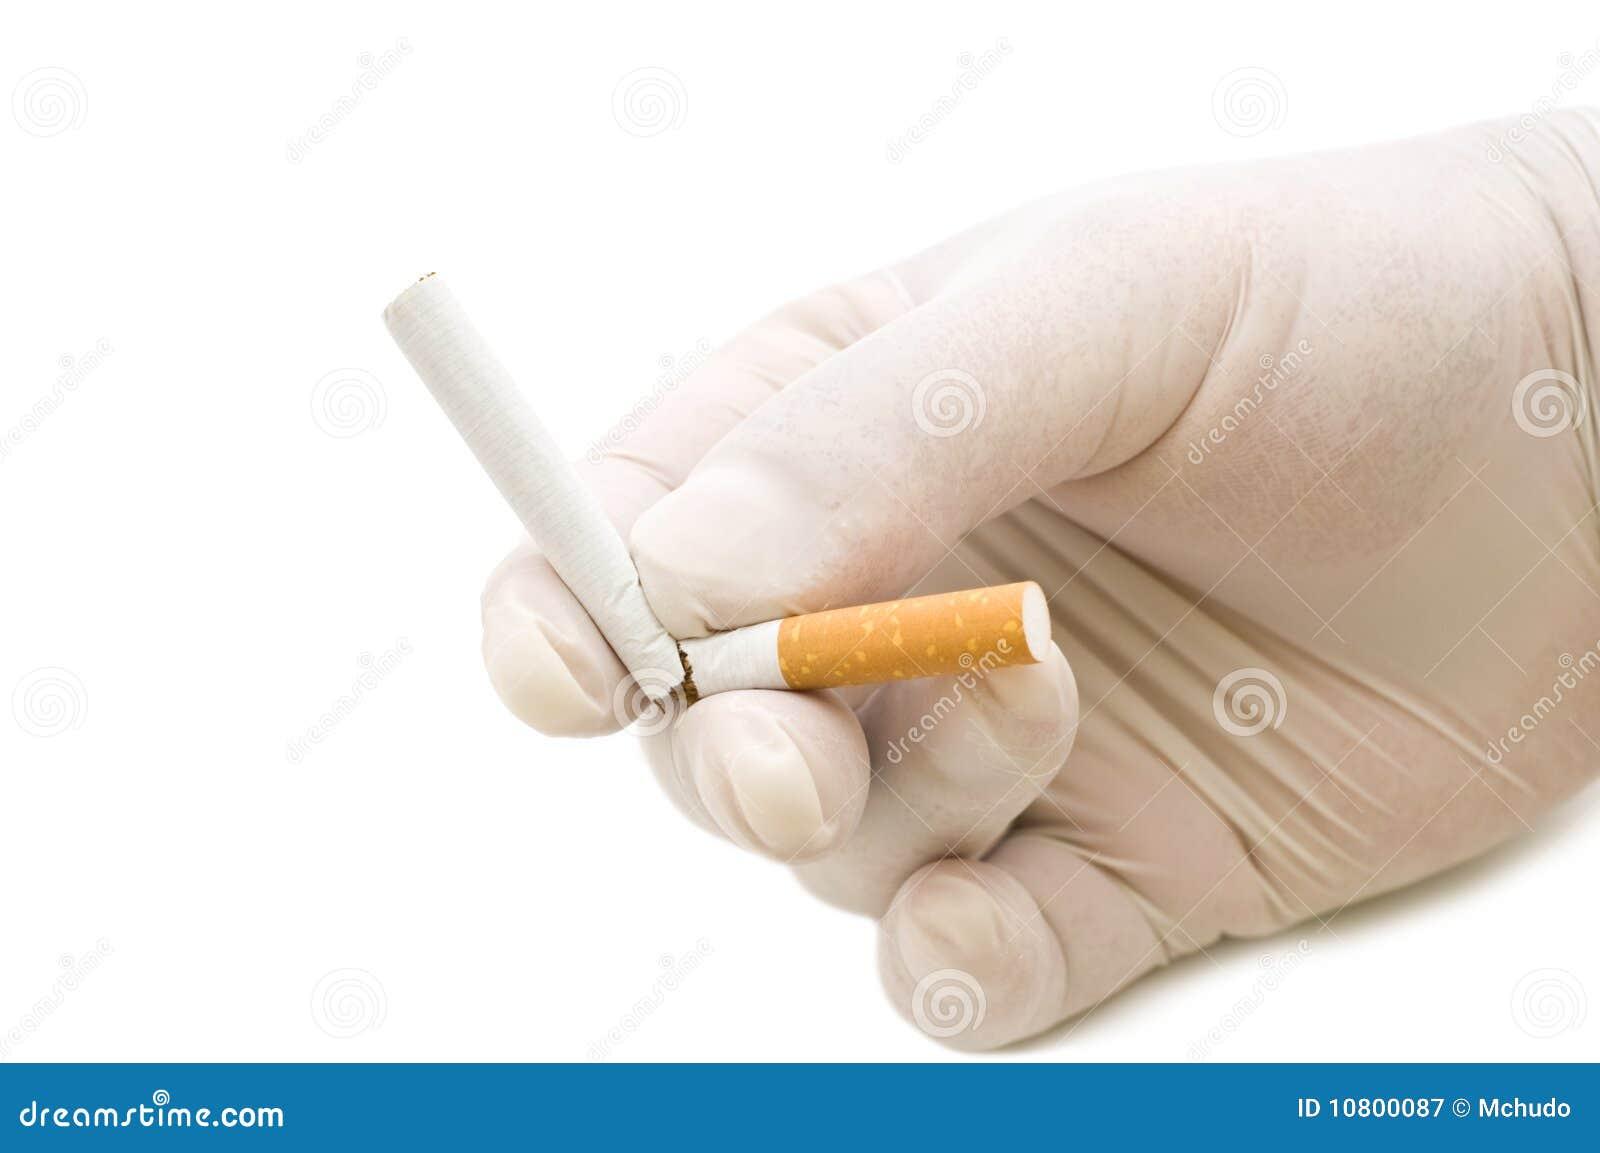 Dopo per smettere di fumare per smettere di bere